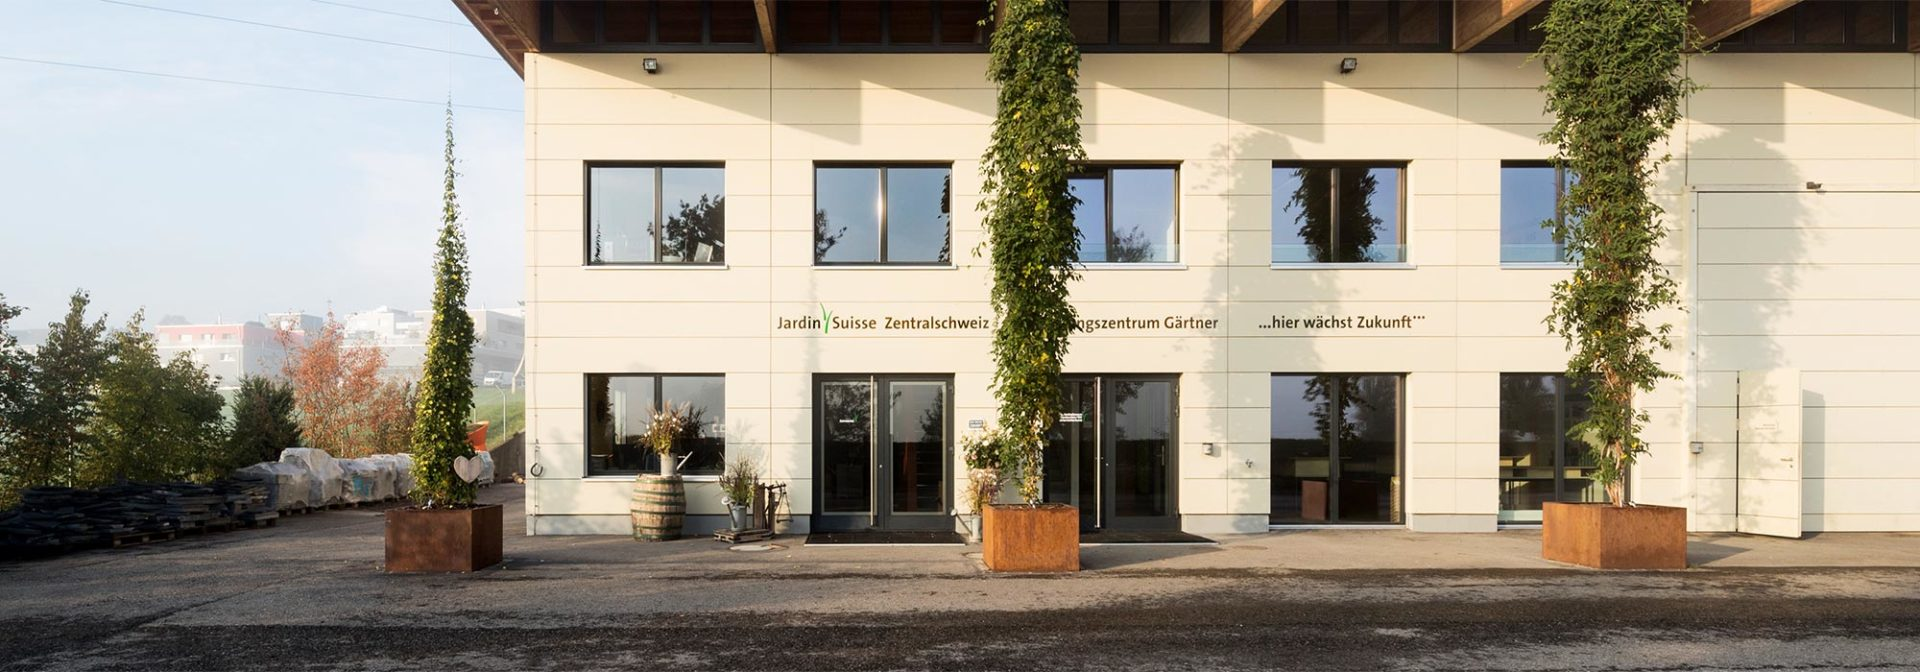 Bildungszentrum - JSZE - JardinSuisse Zentralschweiz - Gärtner aus Luzern, Ob- und Nidwalden, Schwyz, Uri und Zug